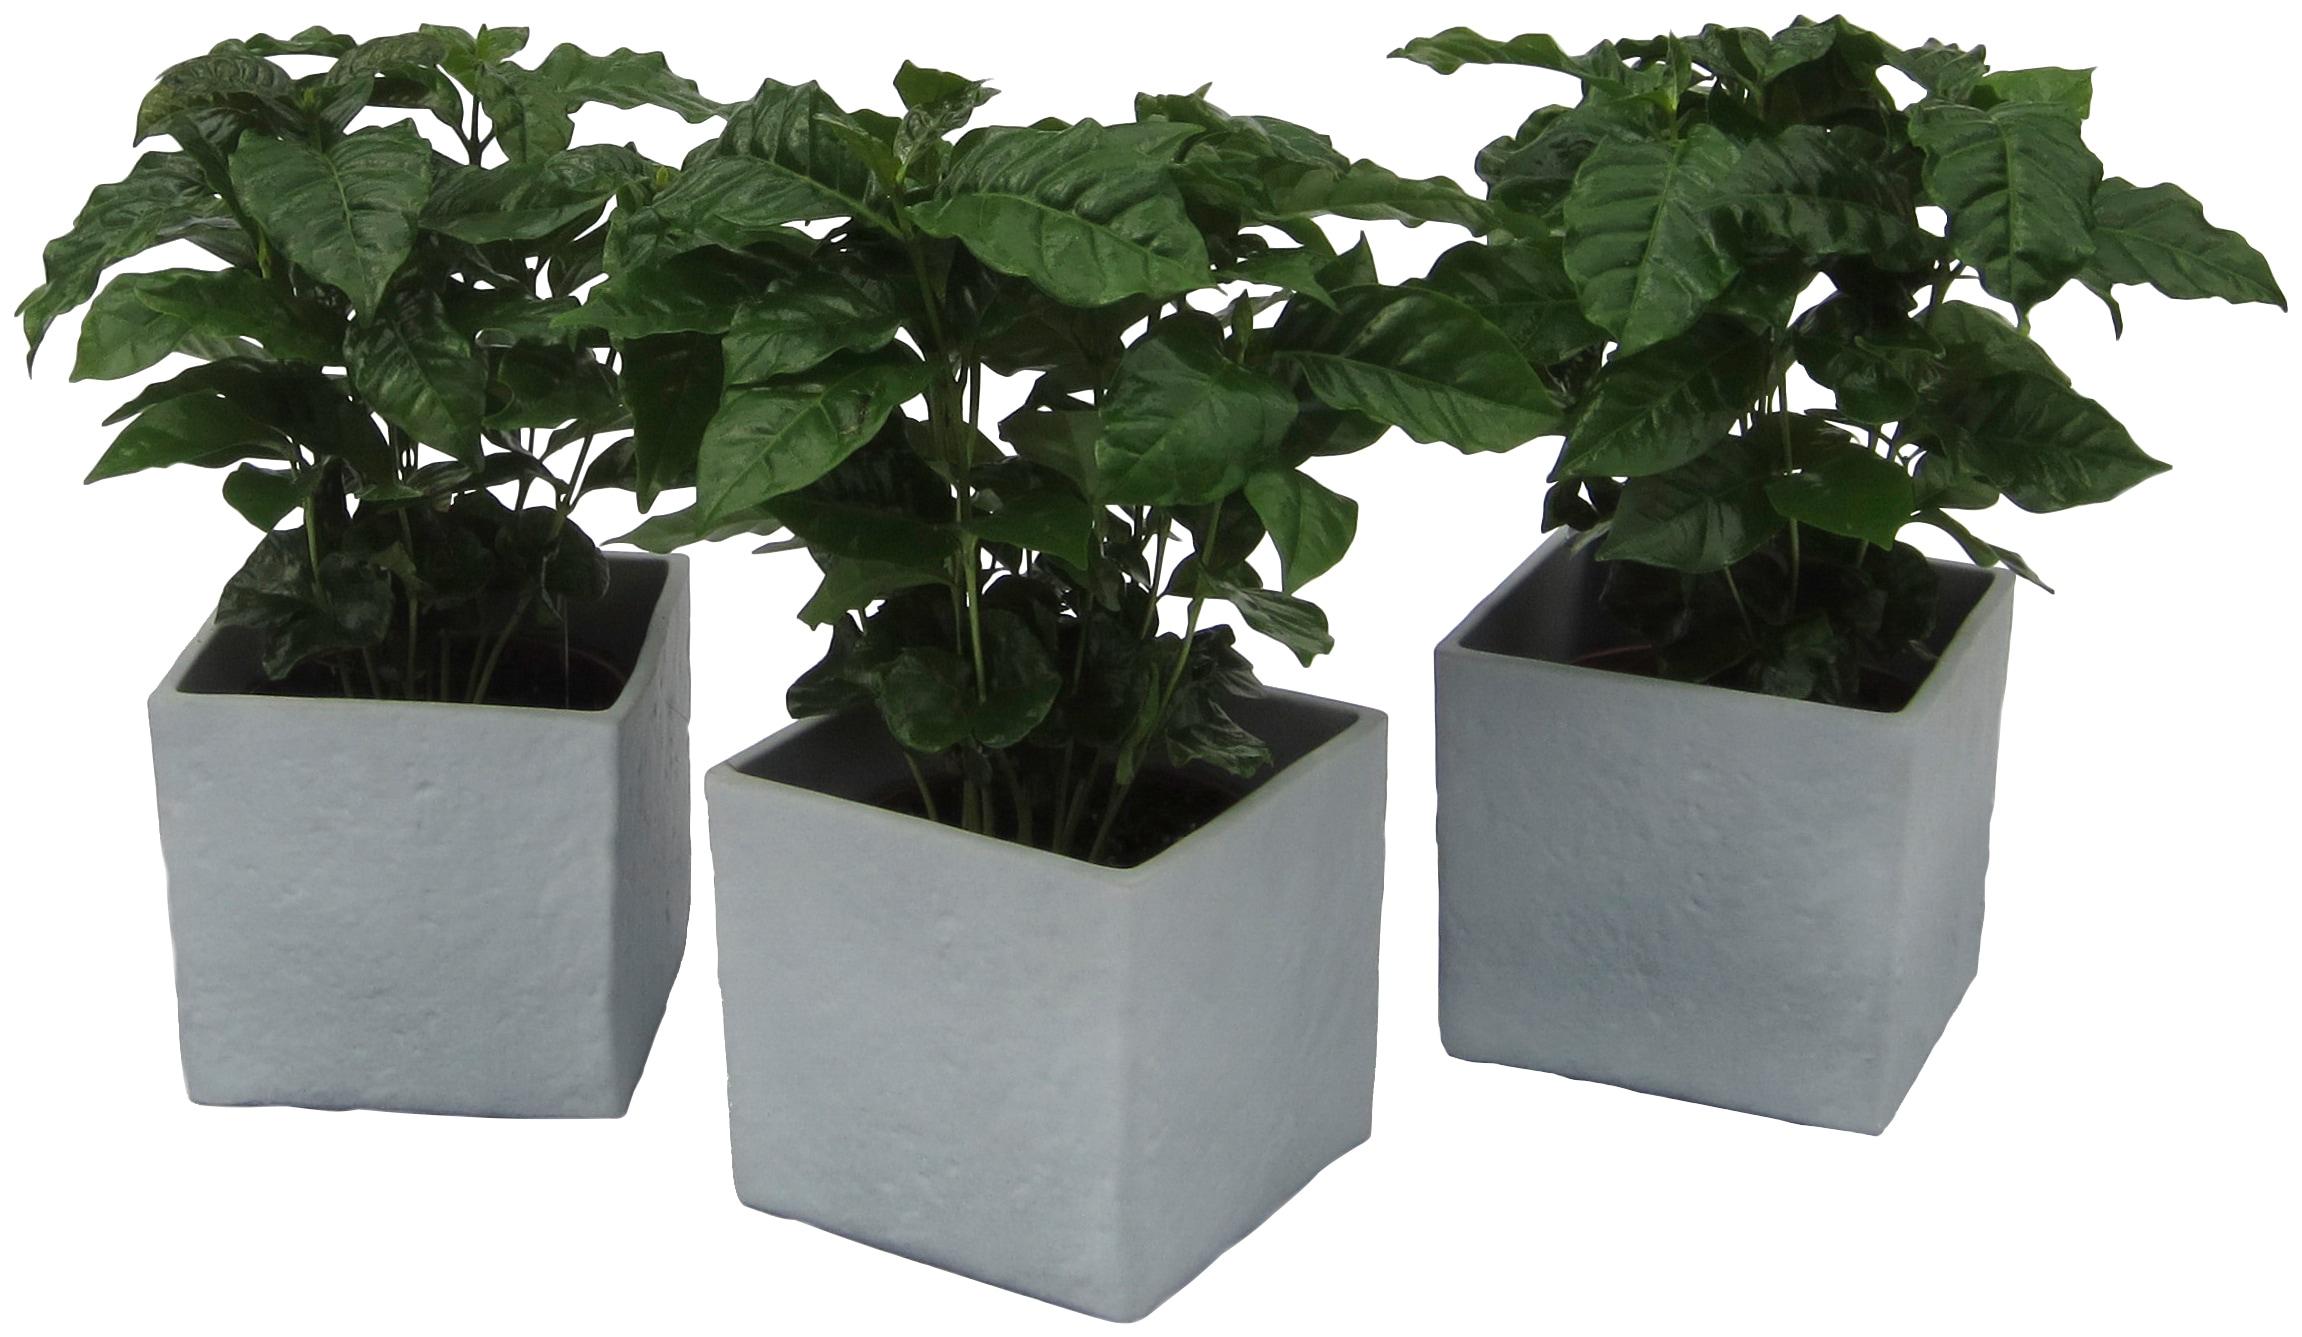 Dominik Zimmerpflanze Kaffee-Pflanzen, Höhe: 30 cm, 3 Pflanzen in Dekotöpfen grün Garten Balkon